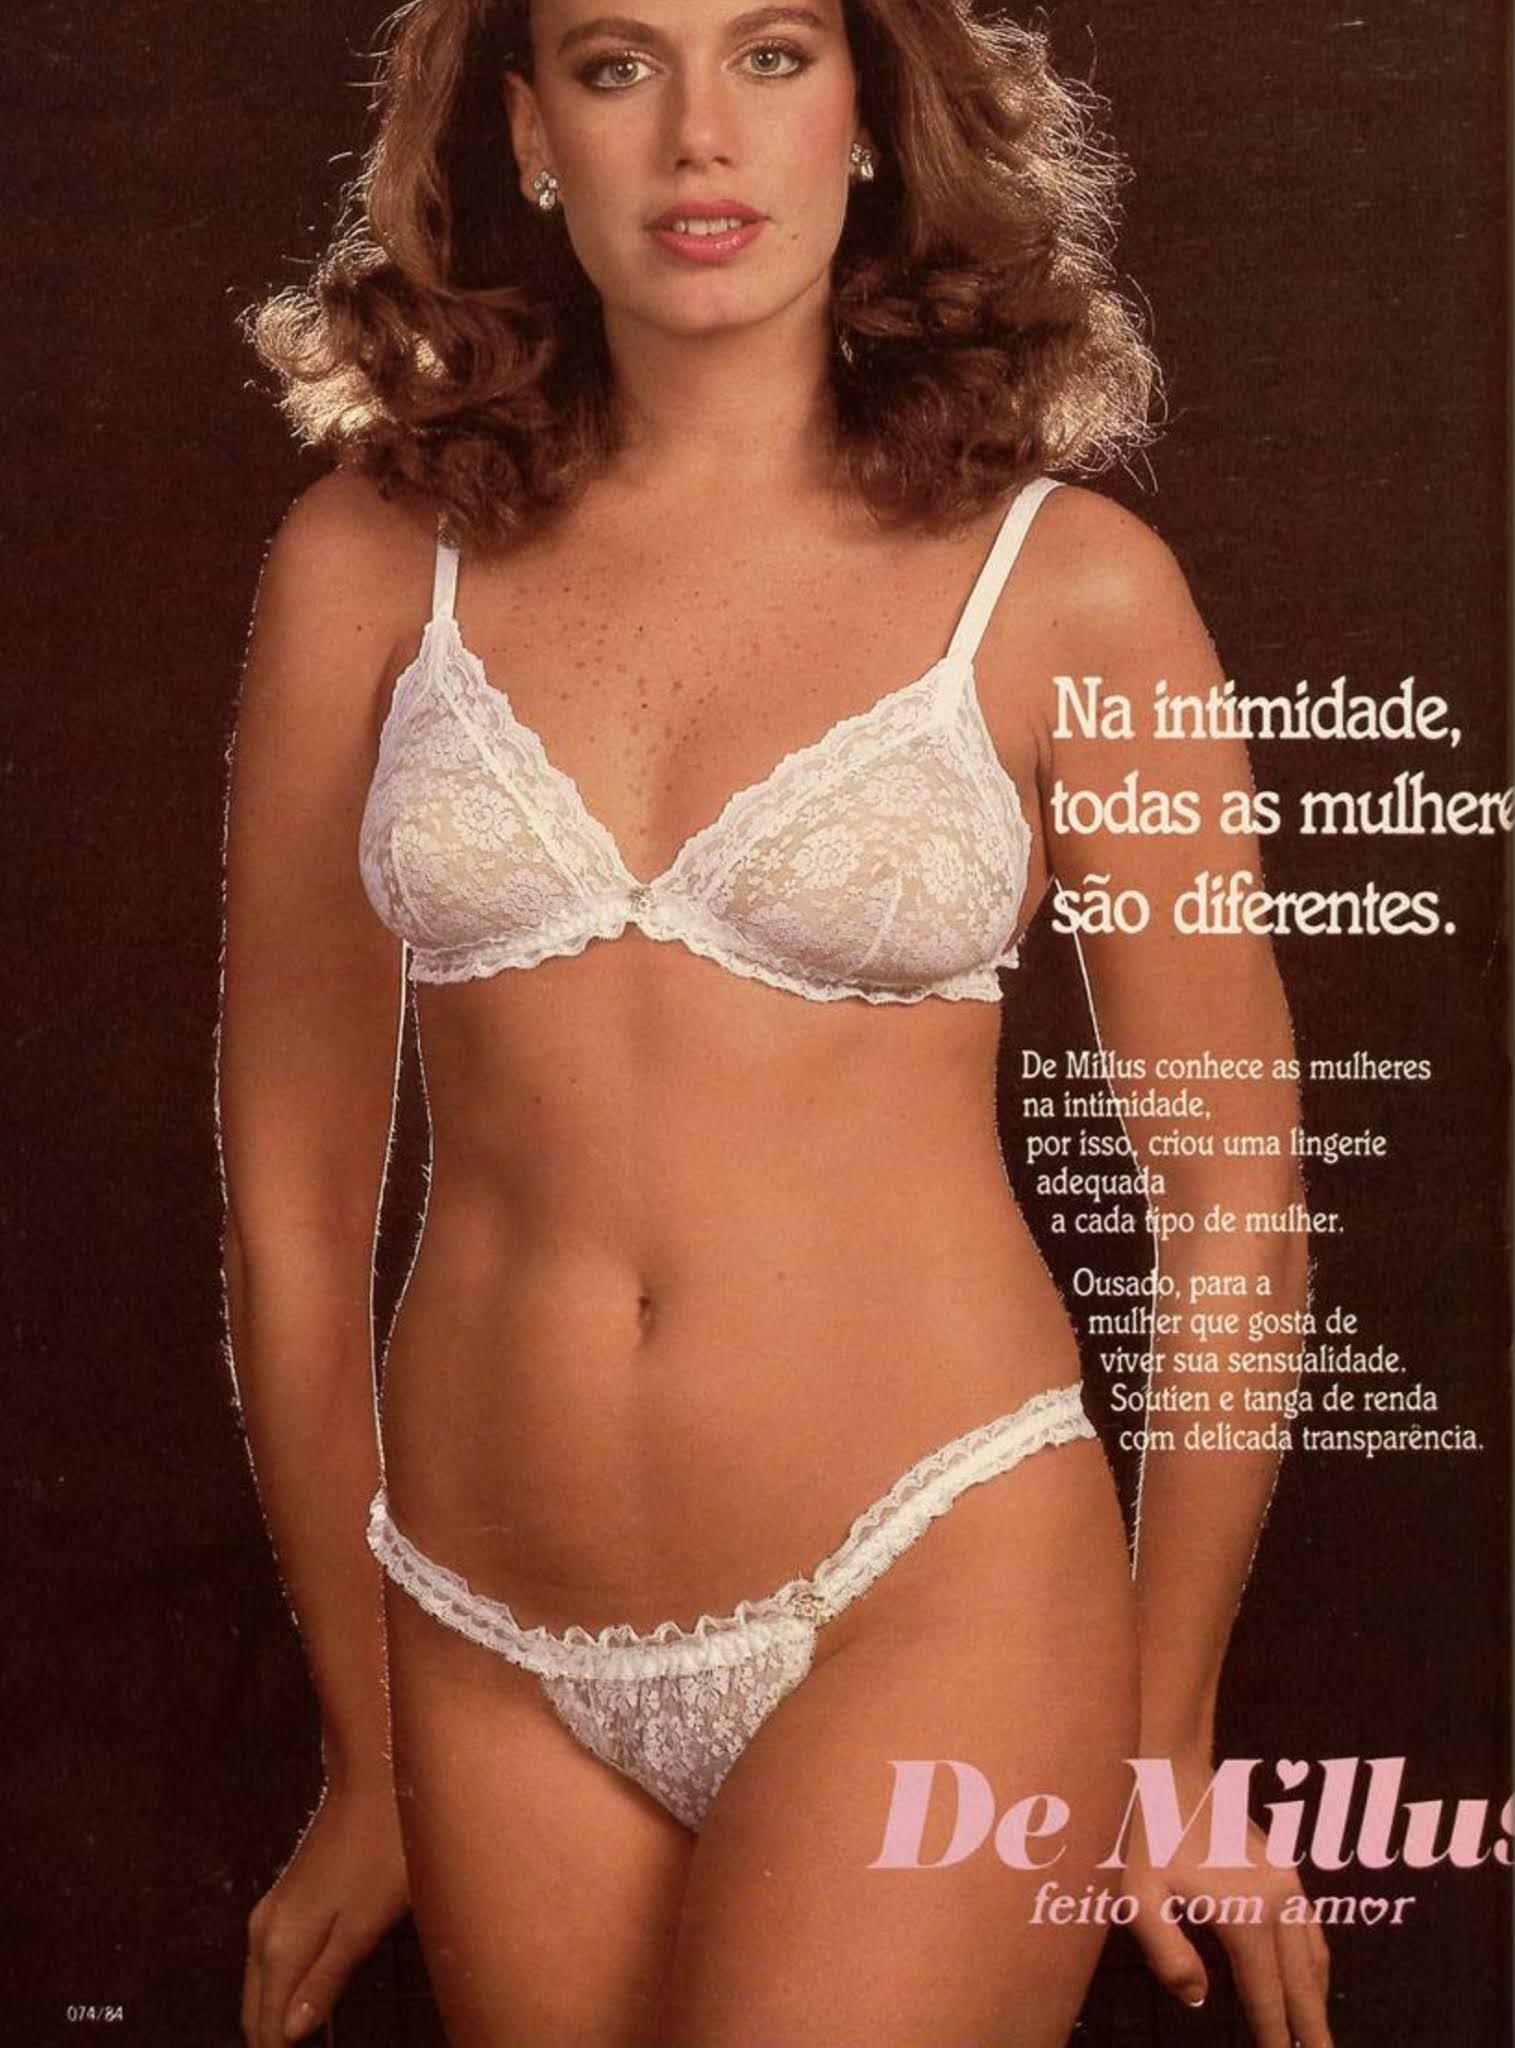 Propaganda antiga da De Millus promovendo sua linha de lingerie em 1984